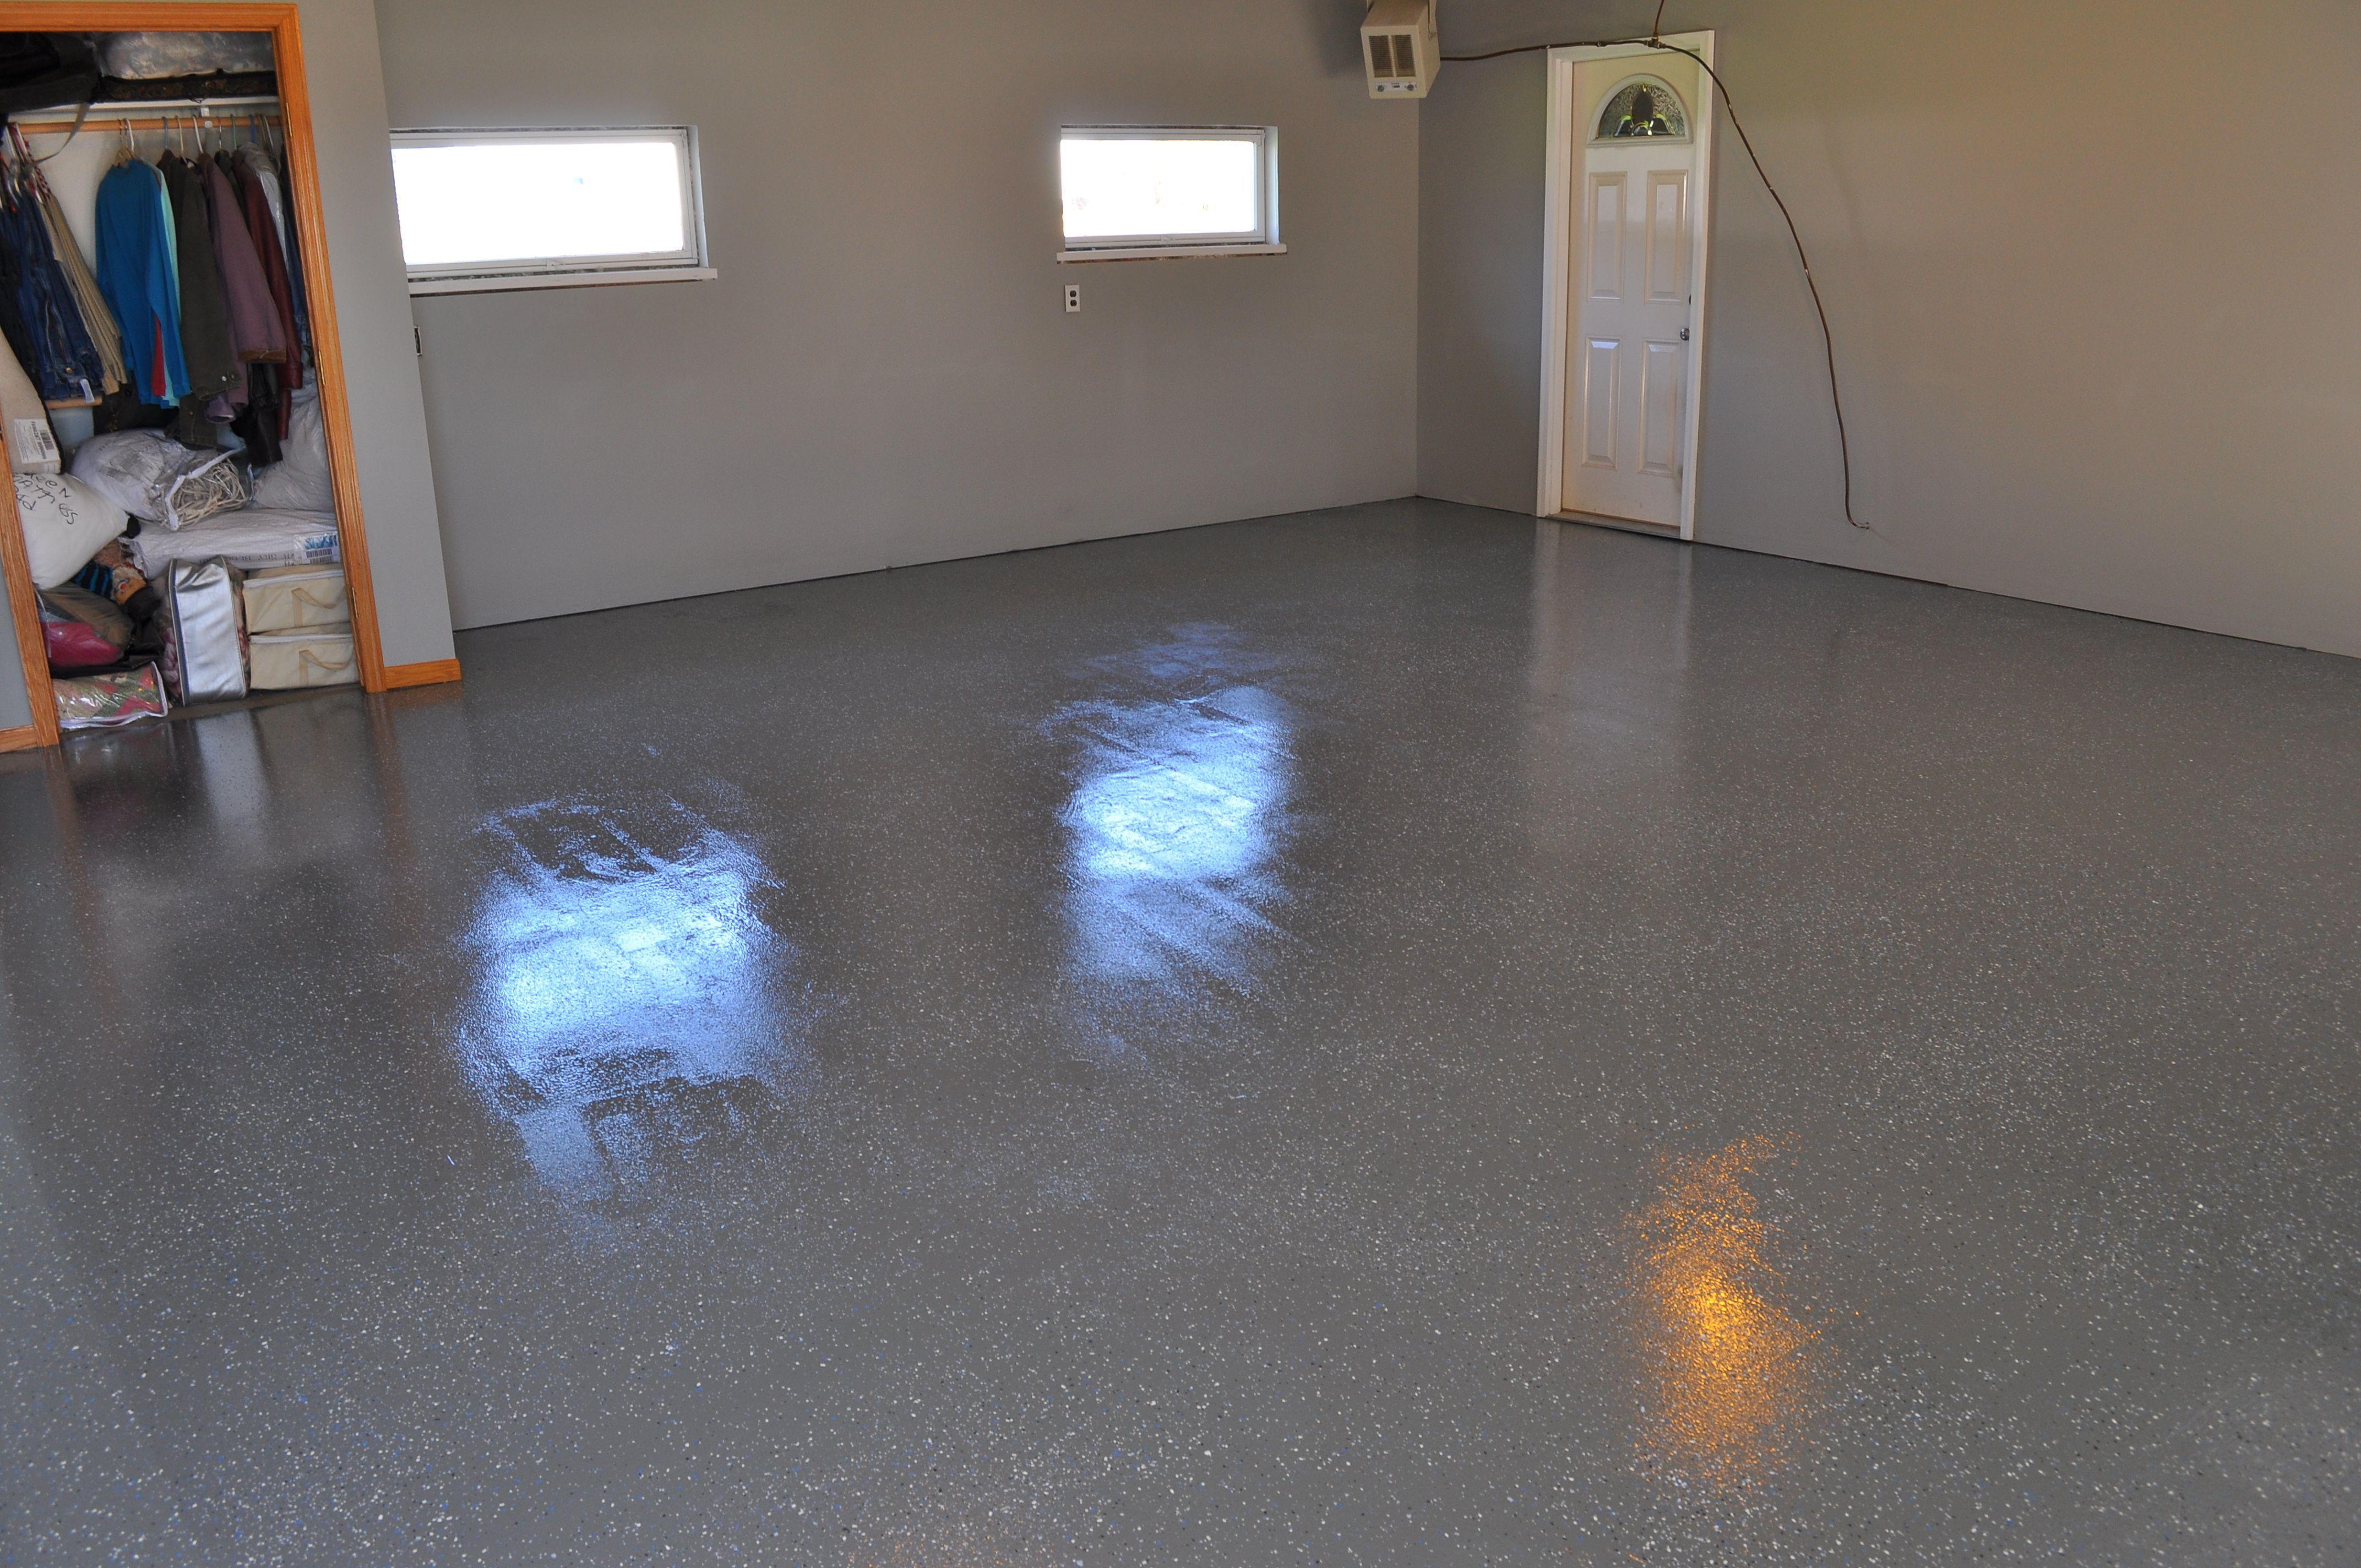 RustOleum Professional Garage Floor Epoxy Garage floor